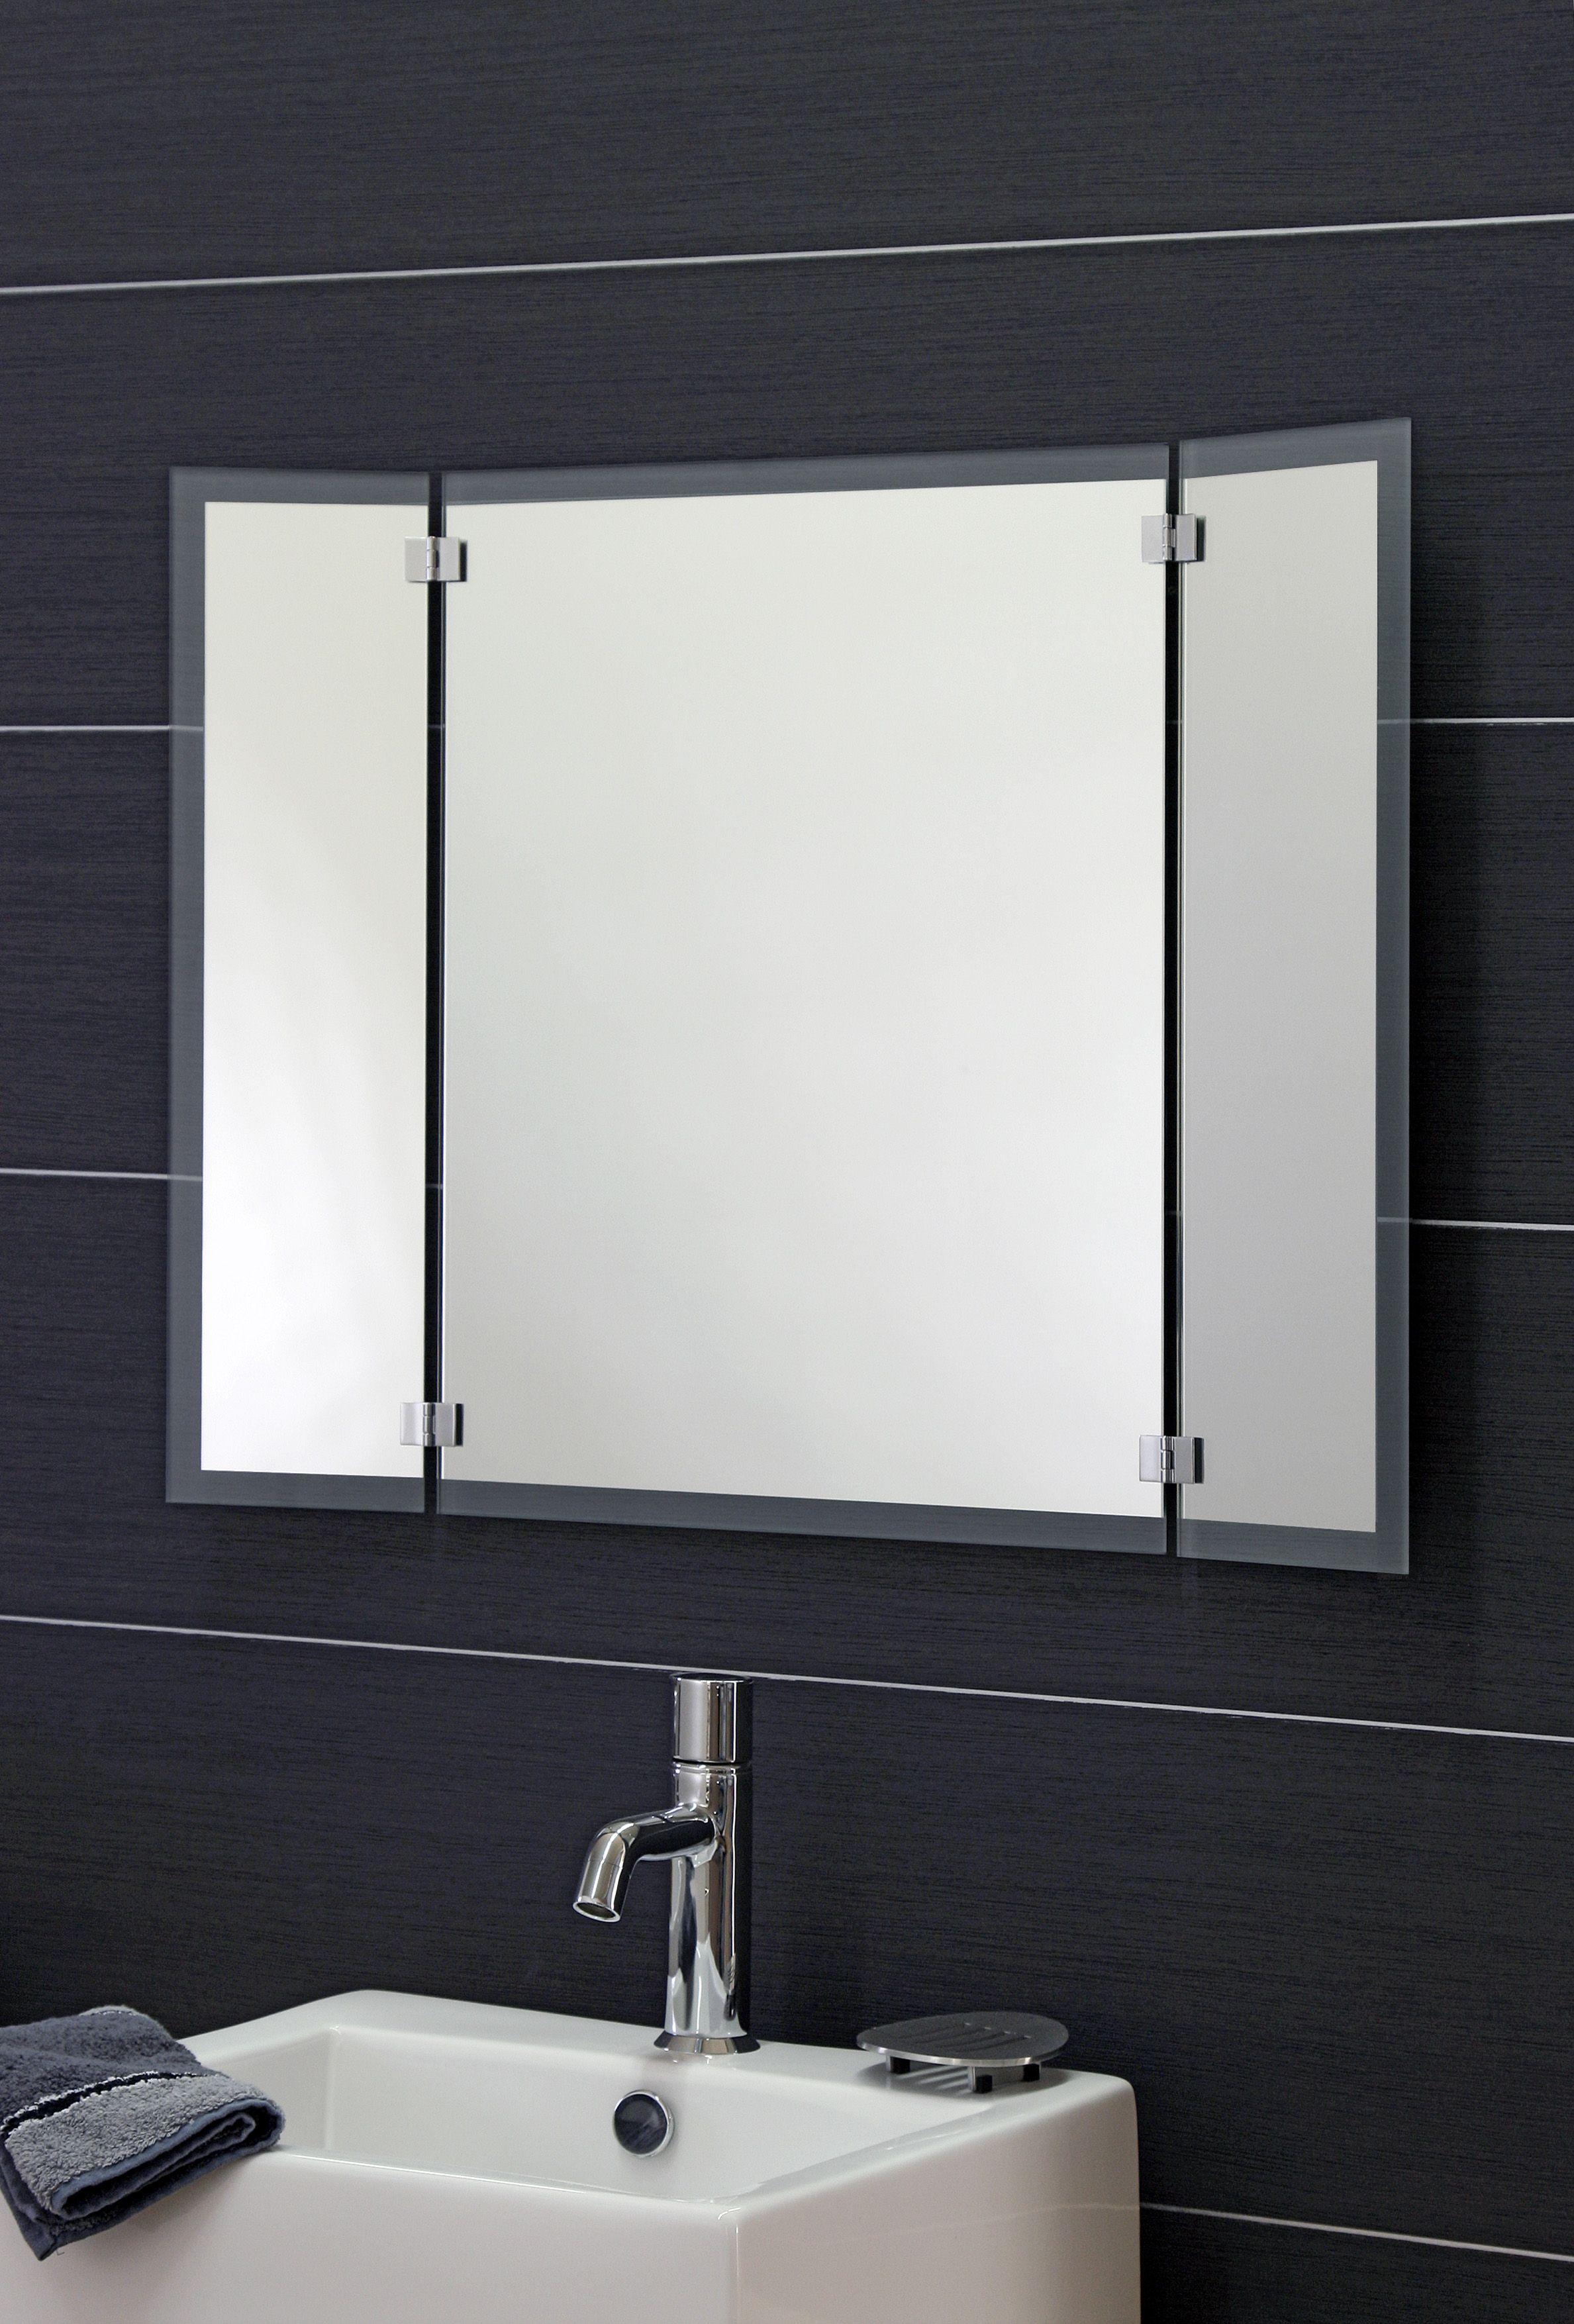 Klappspiegel Mit Satinierter Umrandung Spiegel Badspiegel Klappspiegel